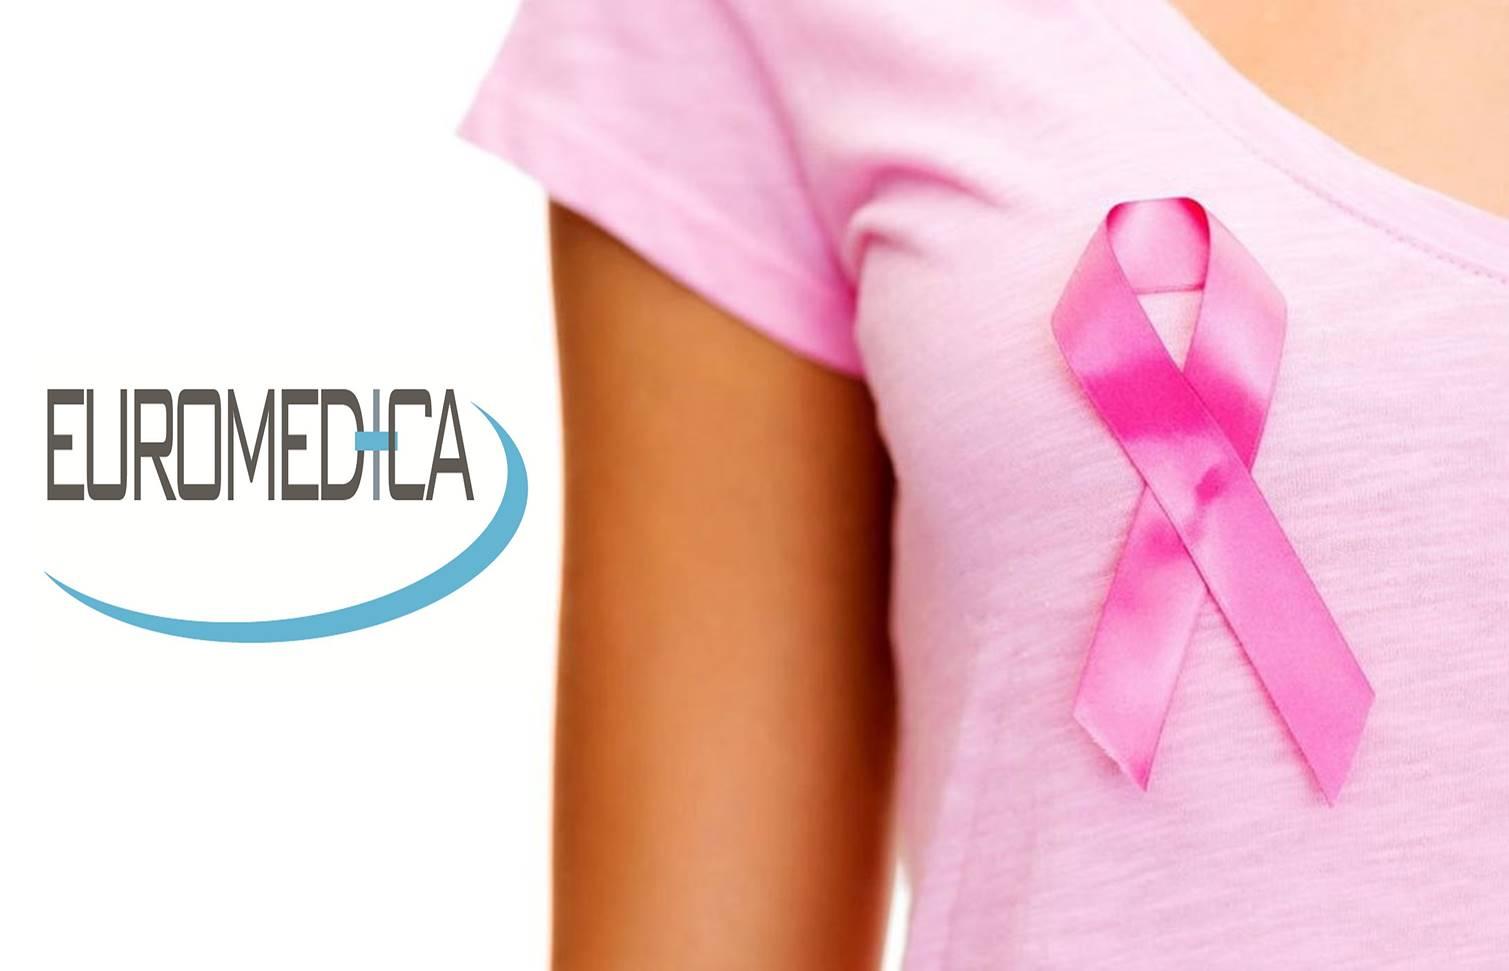 37€ από 180€ για Τριπλό Μαστολογικό Έλεγχο (Ψηφιακή Μαστογραφία, Υπερηχογράφημα Μαστών & Συμπέρασμα Εξετάσεων) στην EUROMEDICA